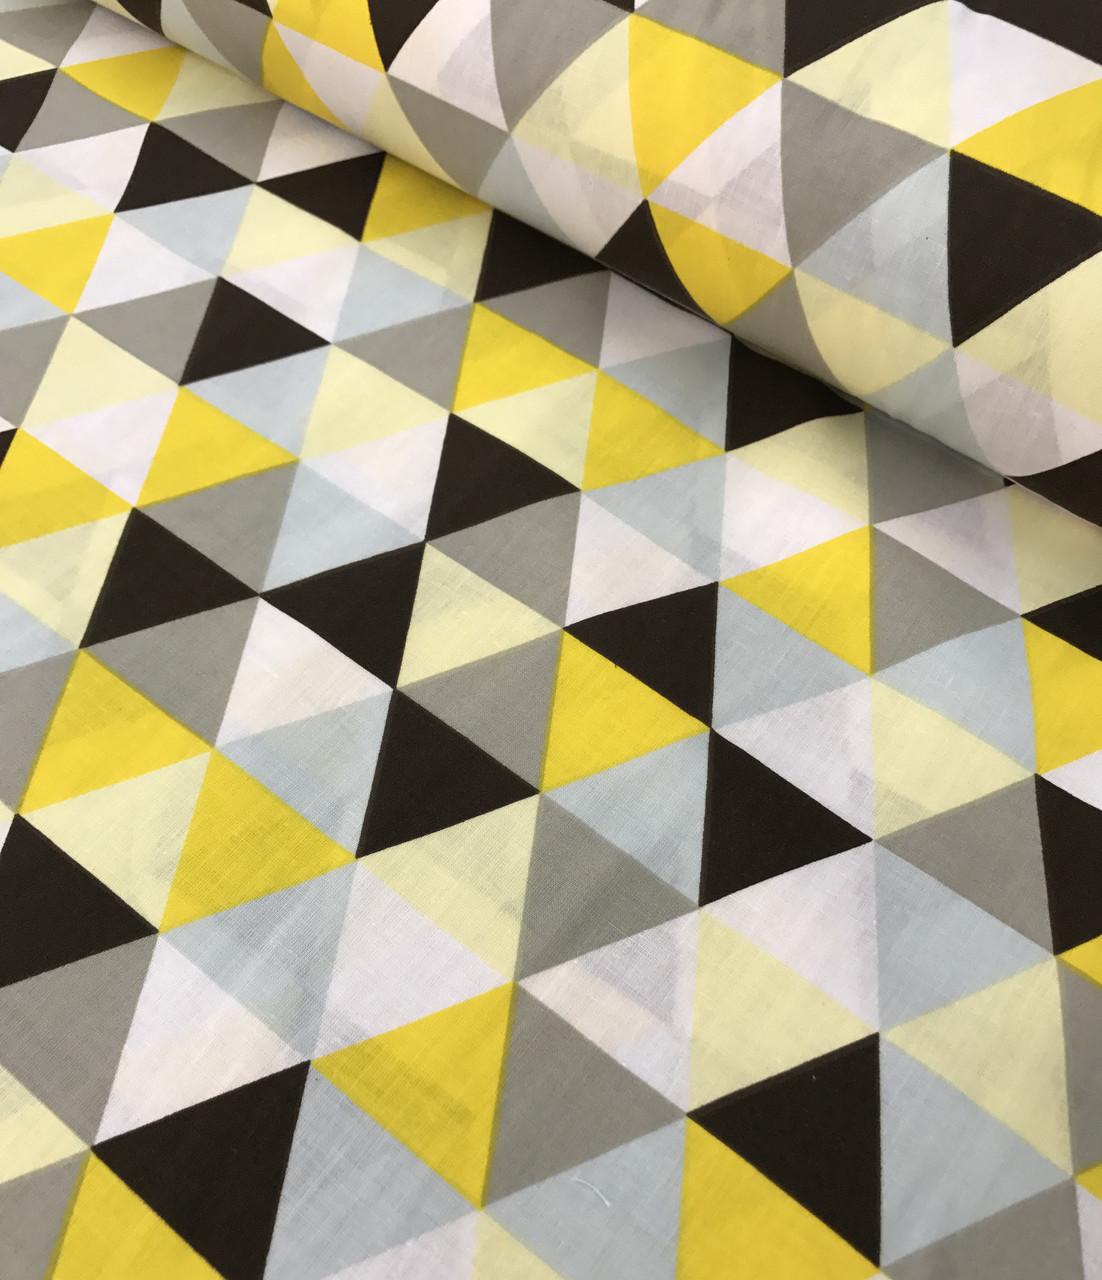 Хлопковая ткань польская треугольники крупные желто-черно-серые №562